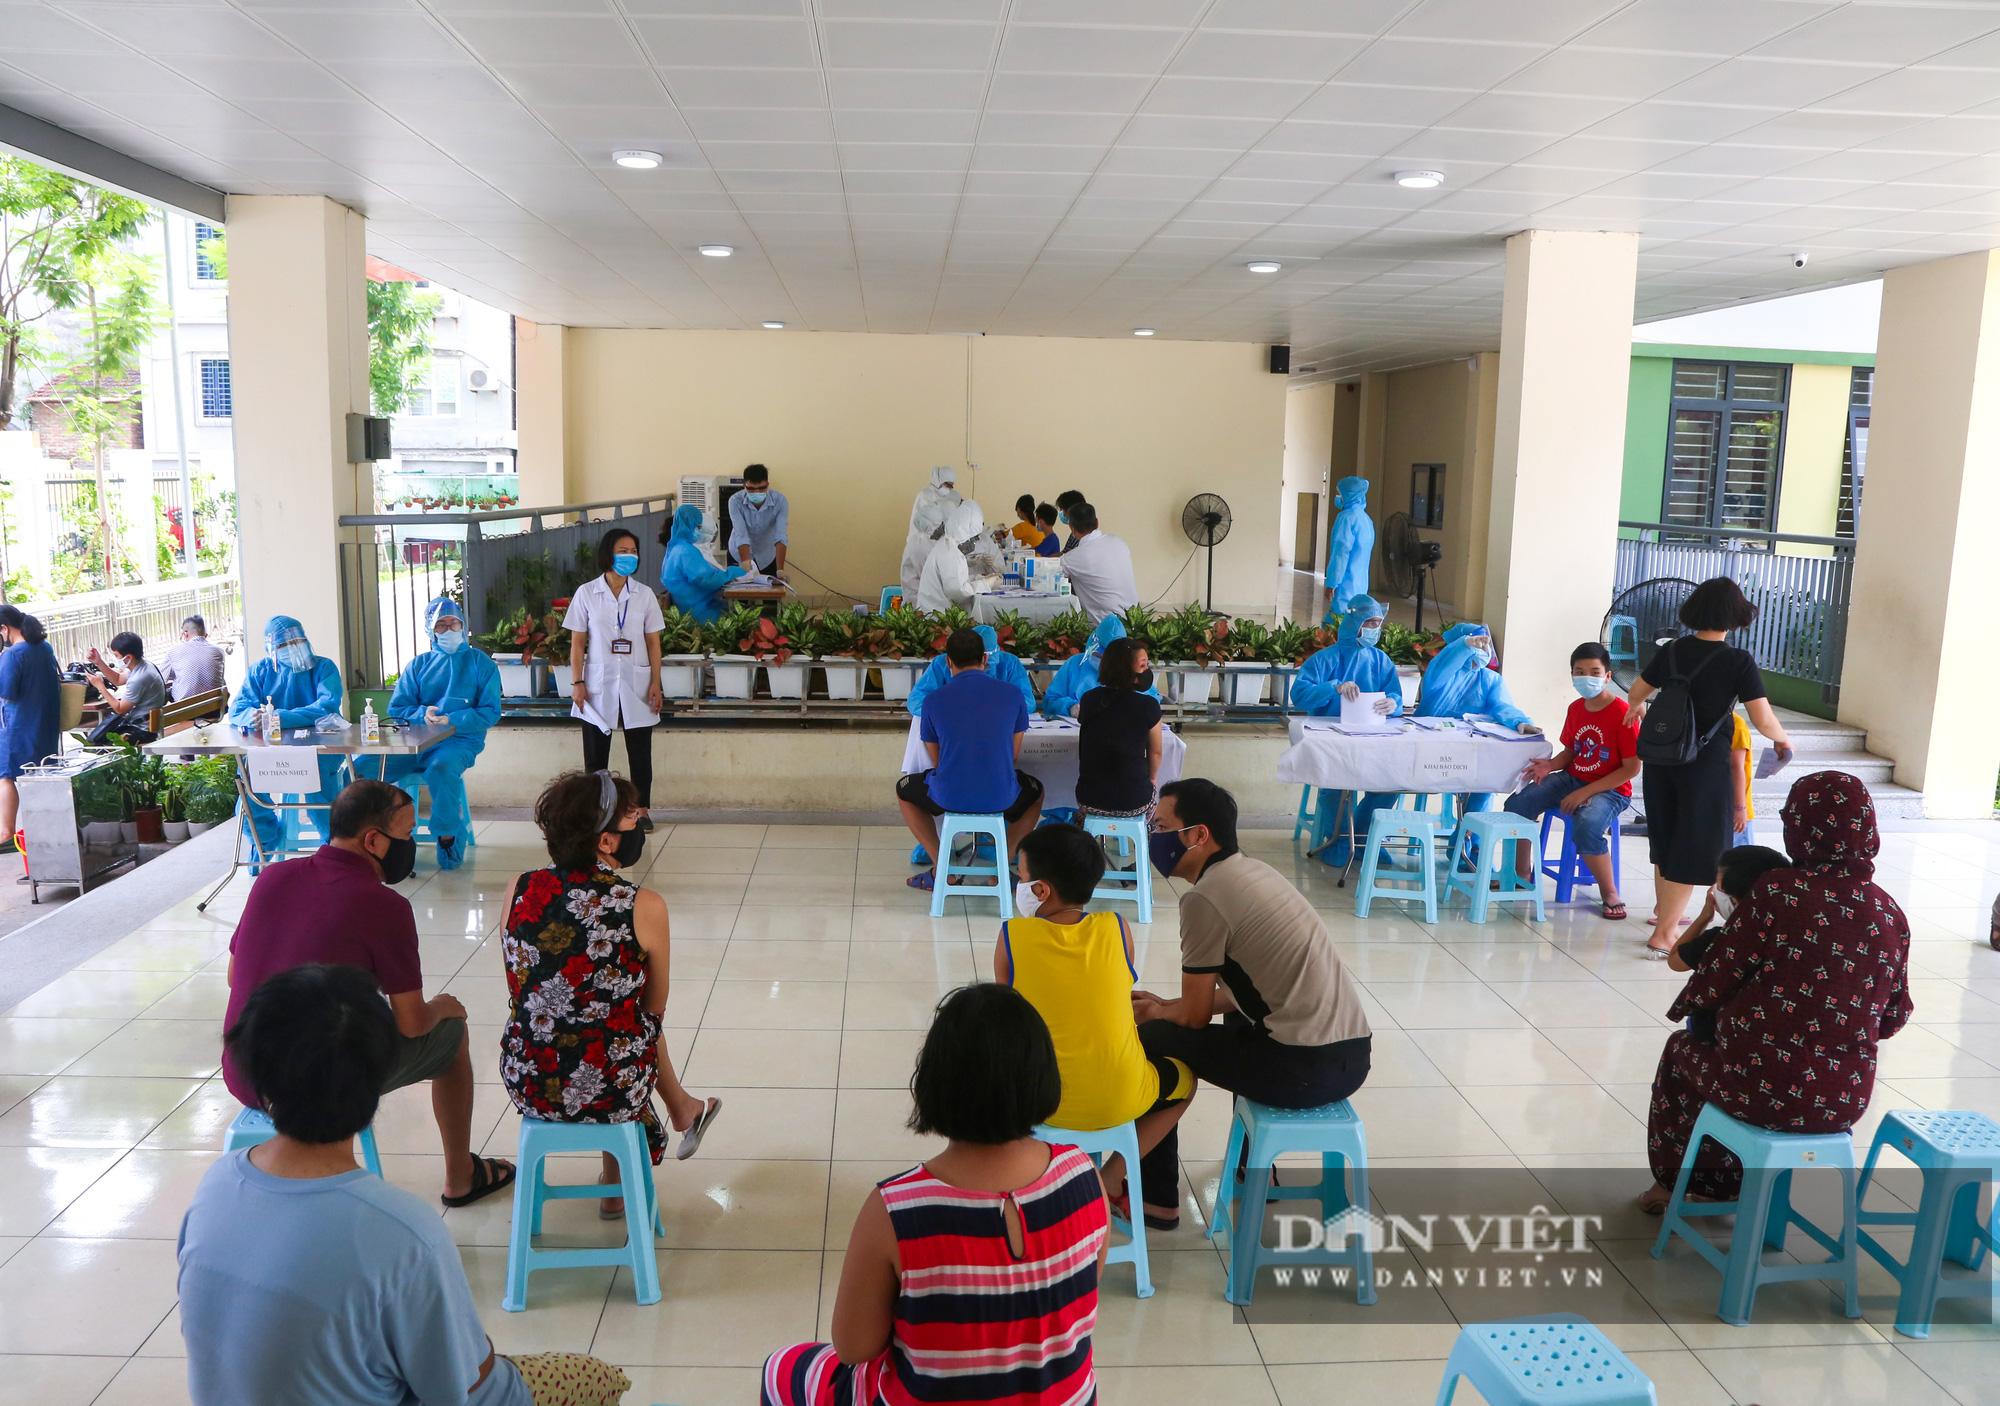 Hàng trăm người dân Hà Nội trở về từ Đà Nẵng tiếp tục được xét nghiệm nhanh Covid-19 - Ảnh 2.